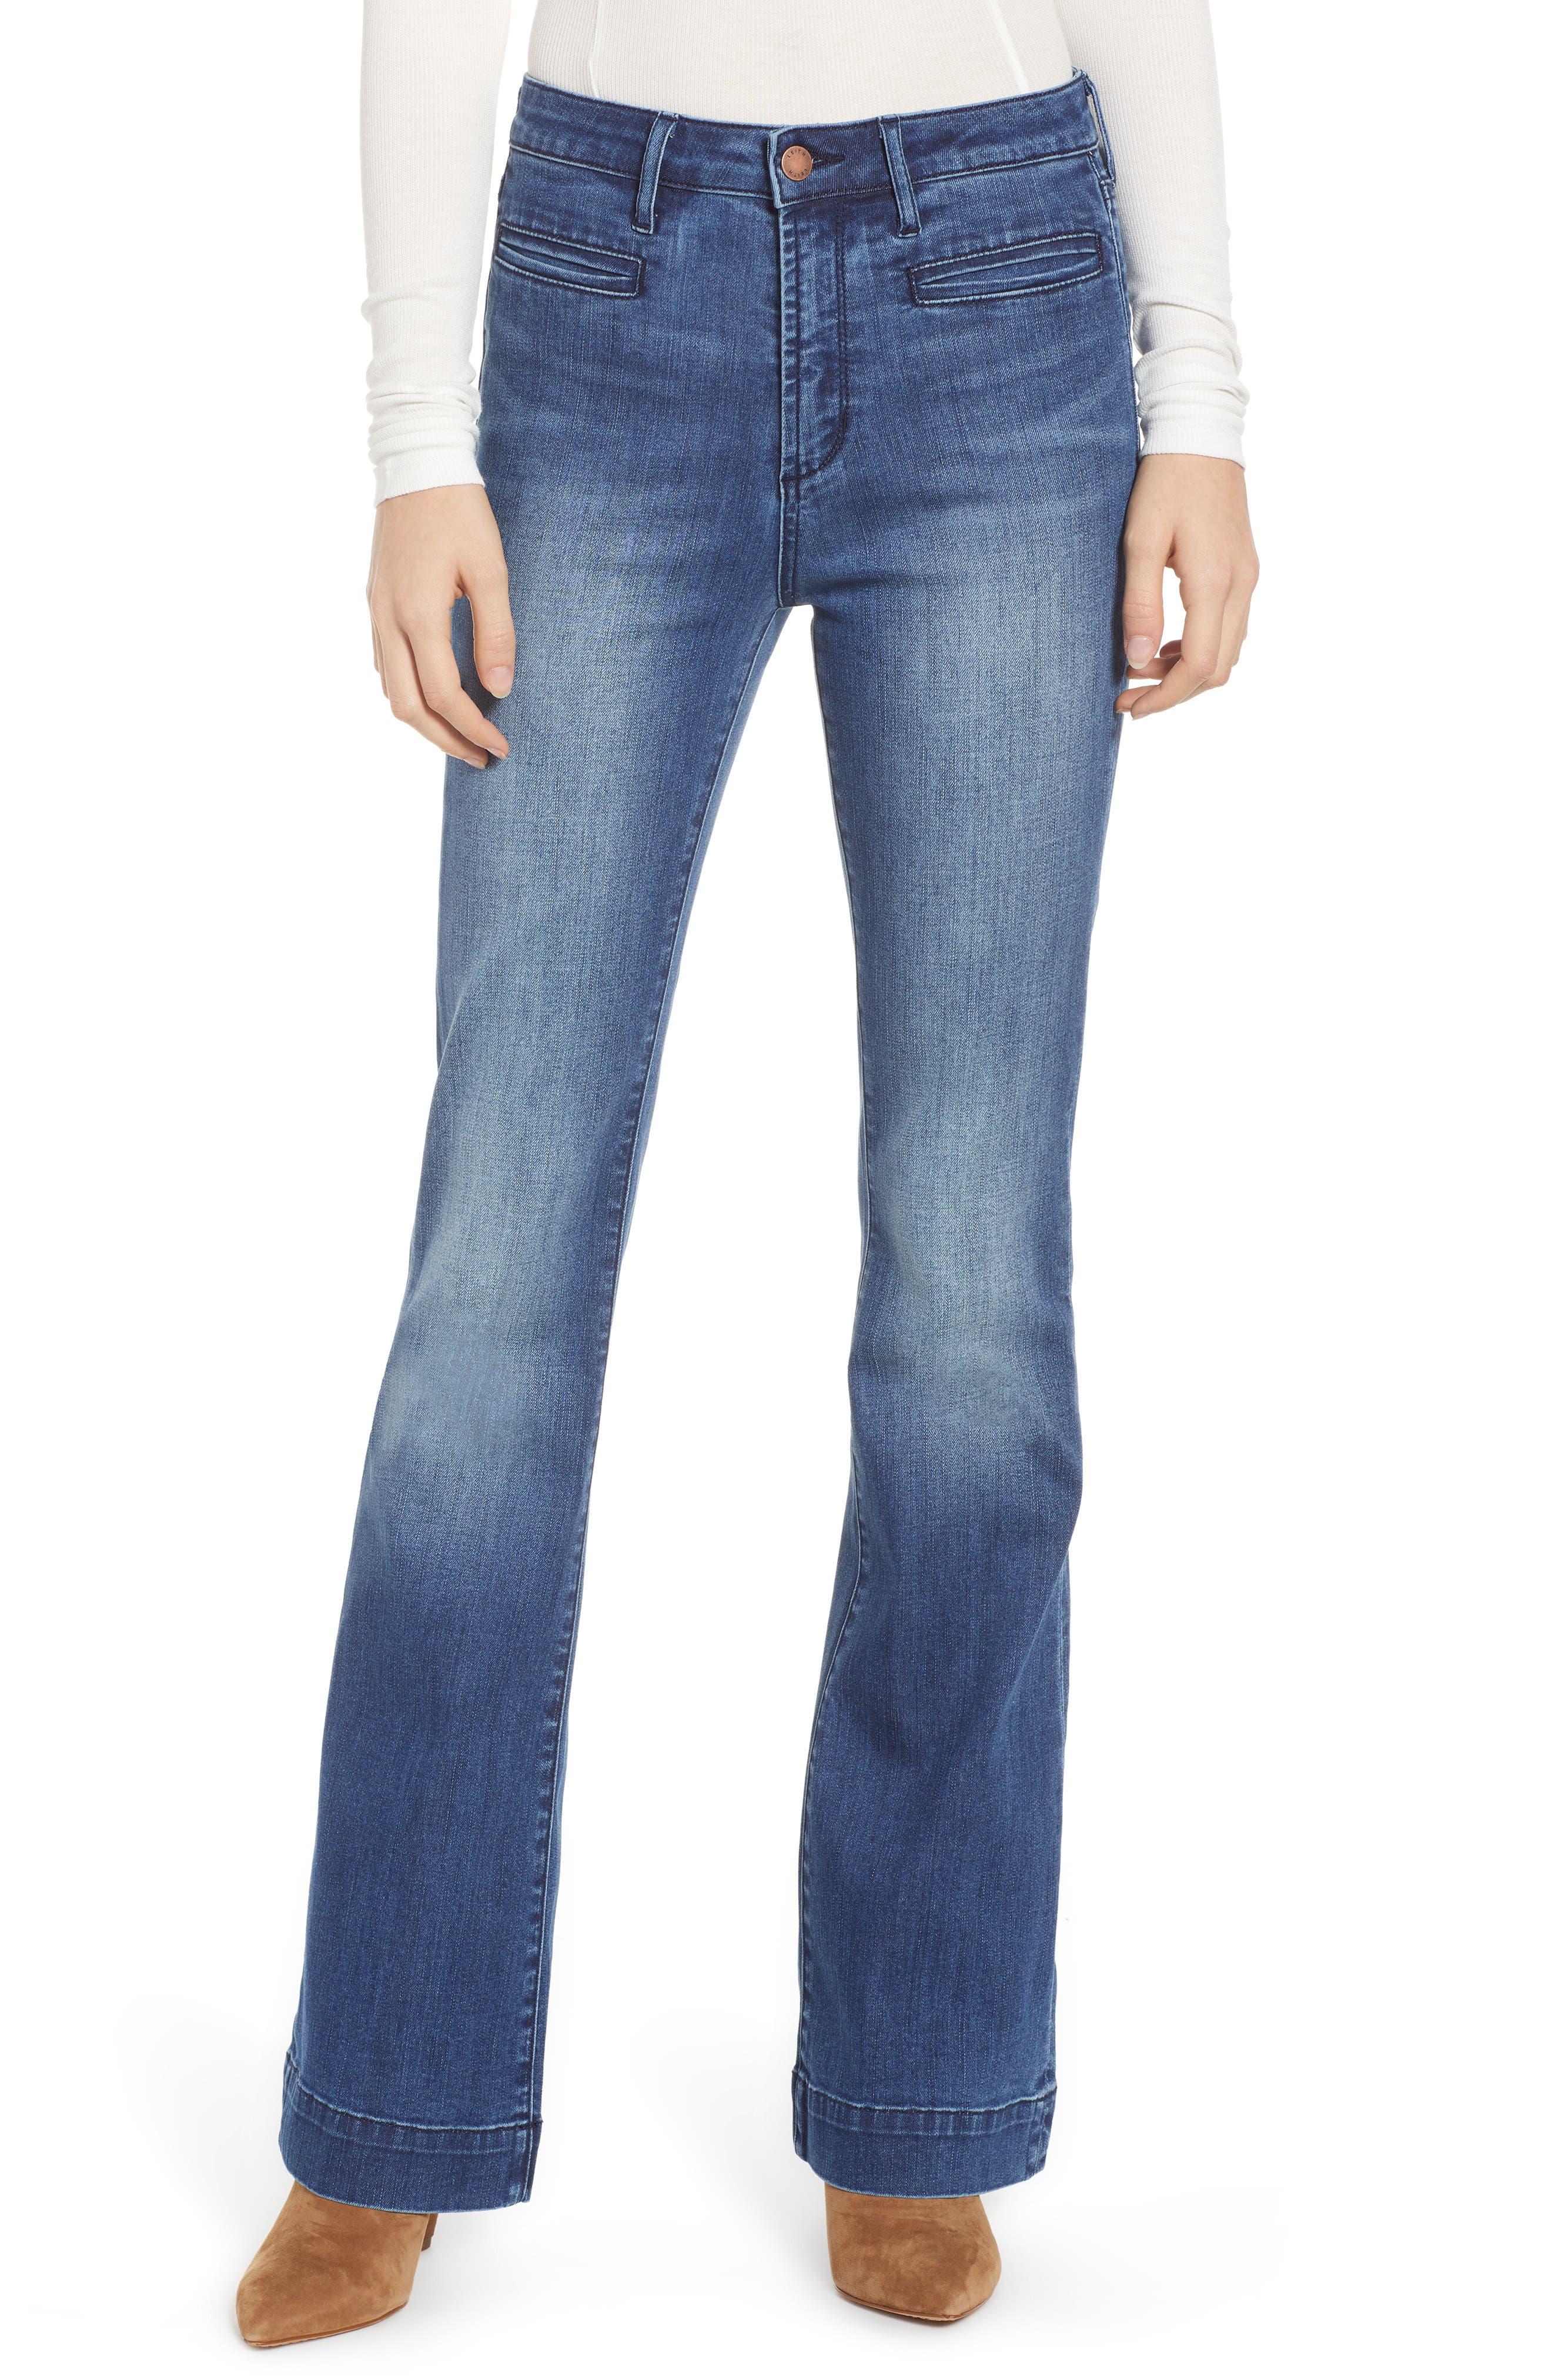 LEITH High Waist Flare Jeans, Main, color, MEDIUM WASH